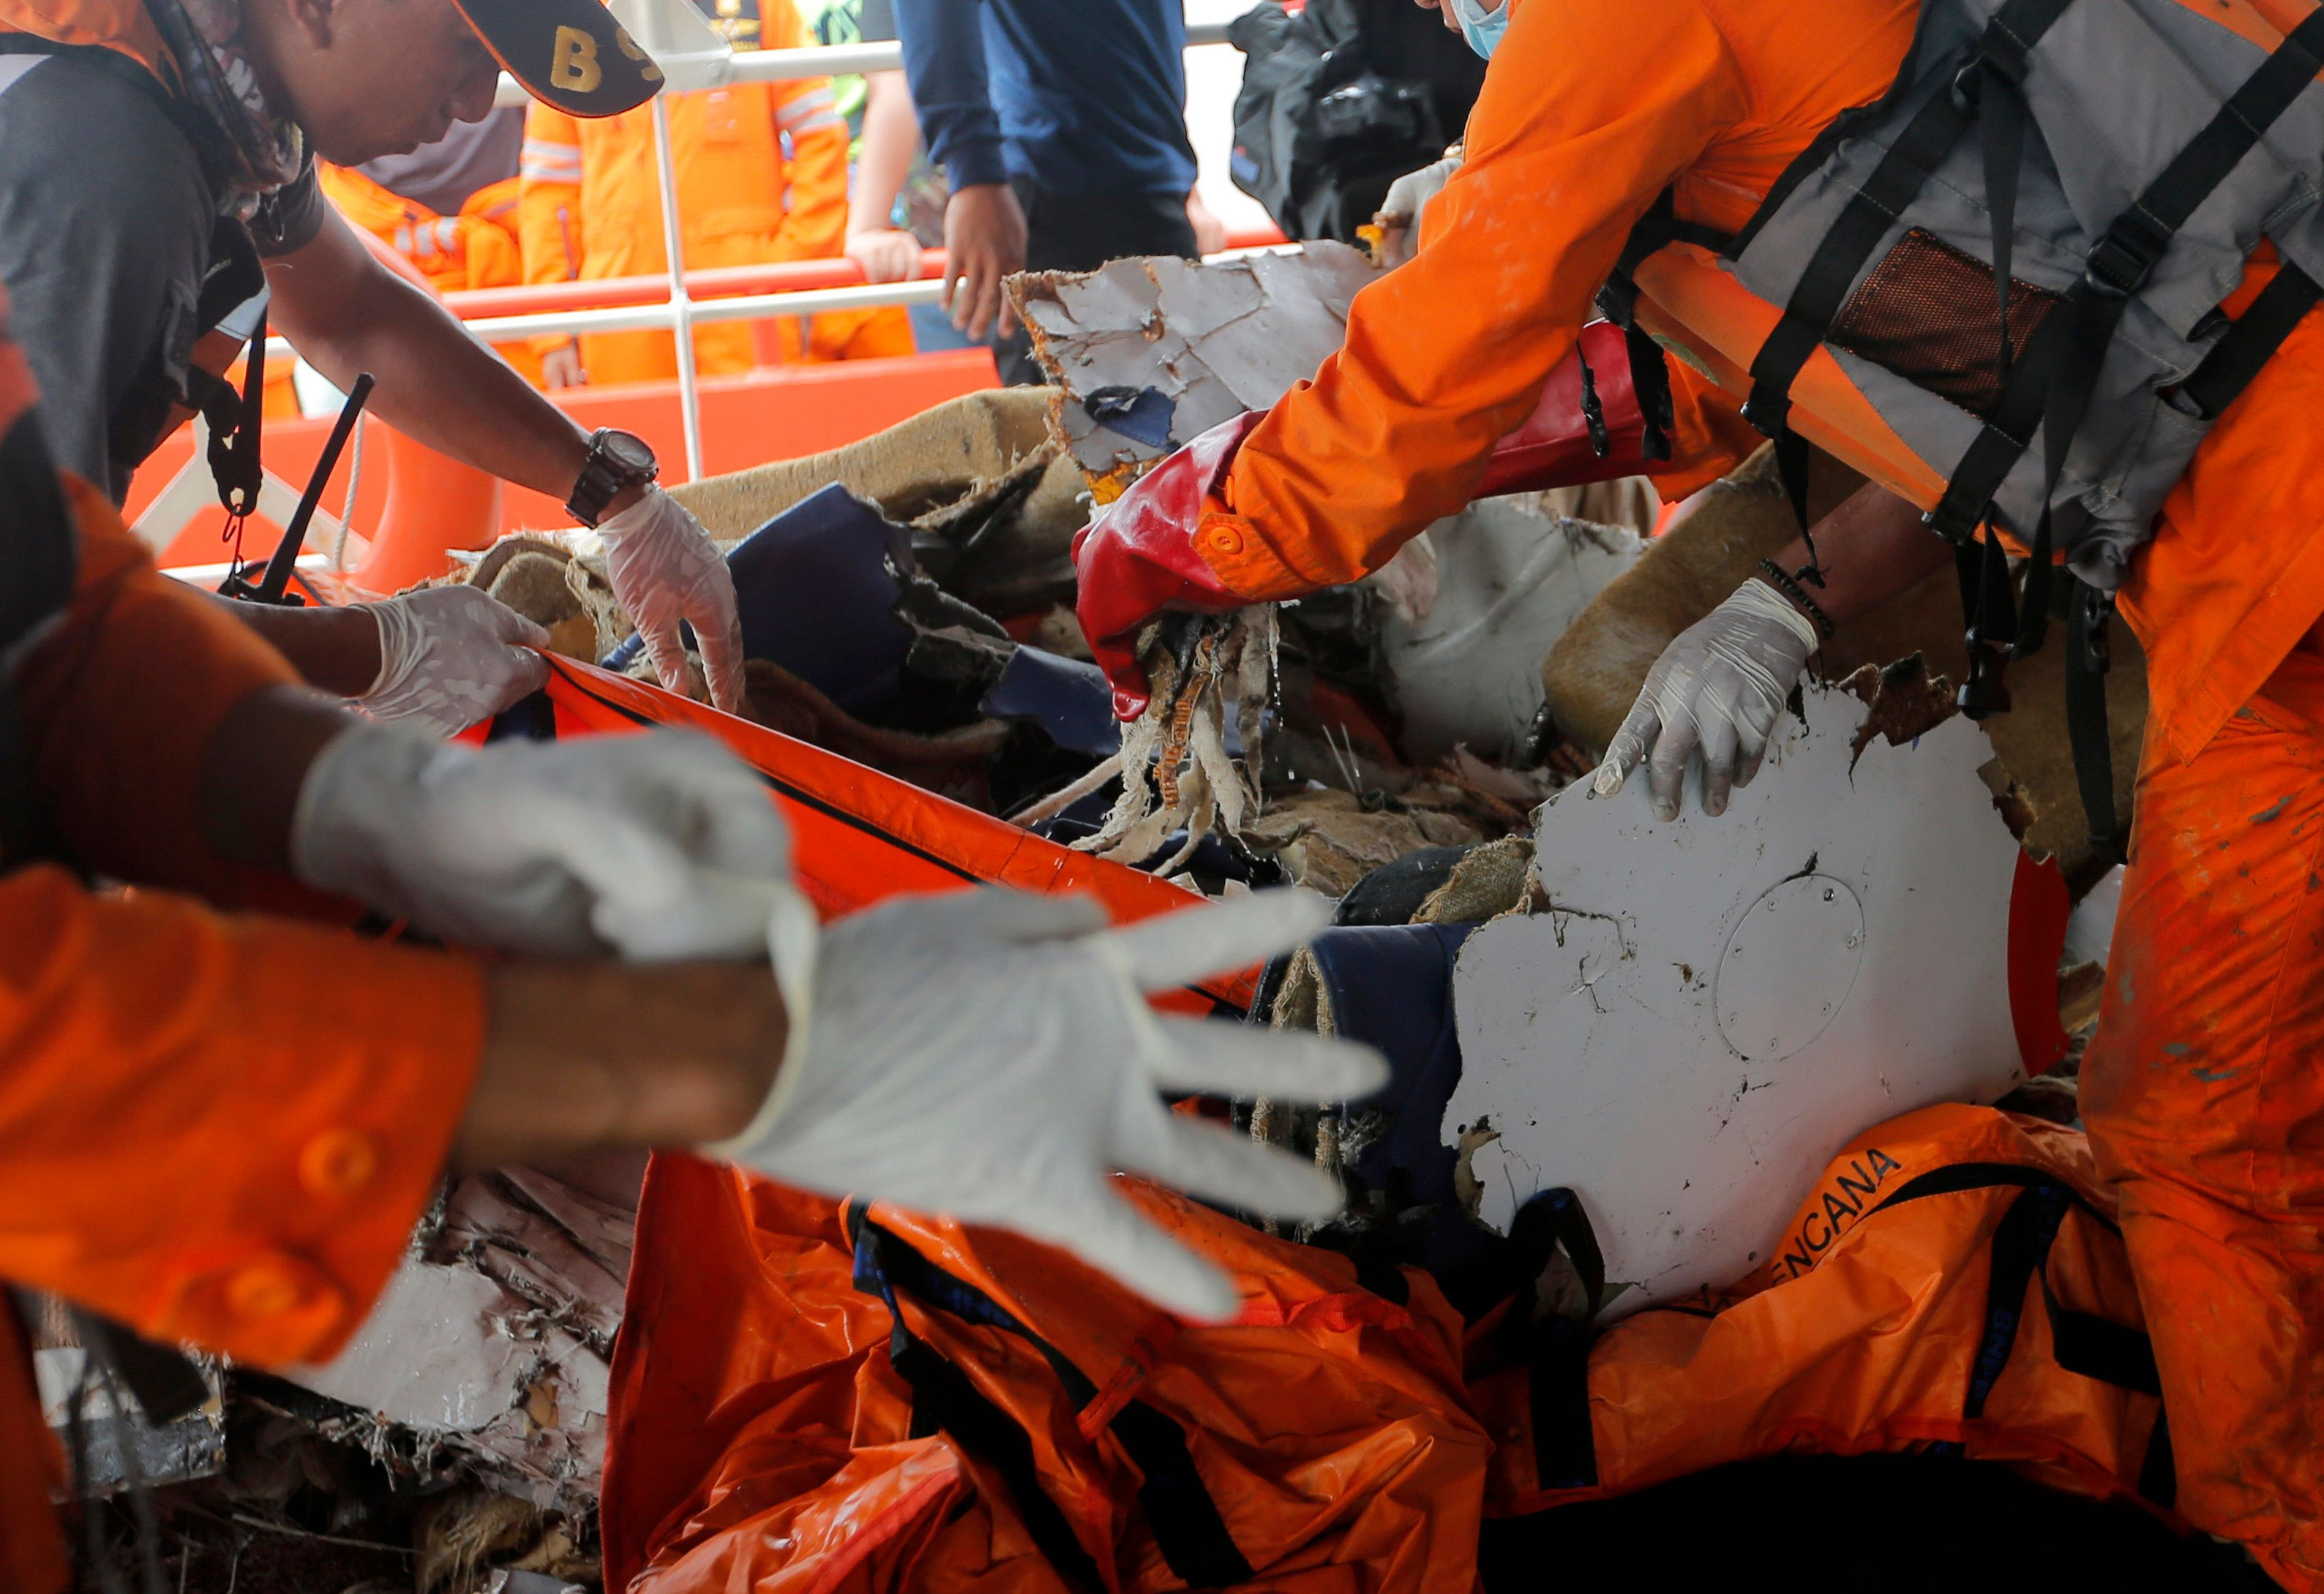 Ανασύρθηκε τη θάλασσα το ένα από τα μαύρα κουτιά του αεροσκάφους της Lion Air που κατέπεσε στην